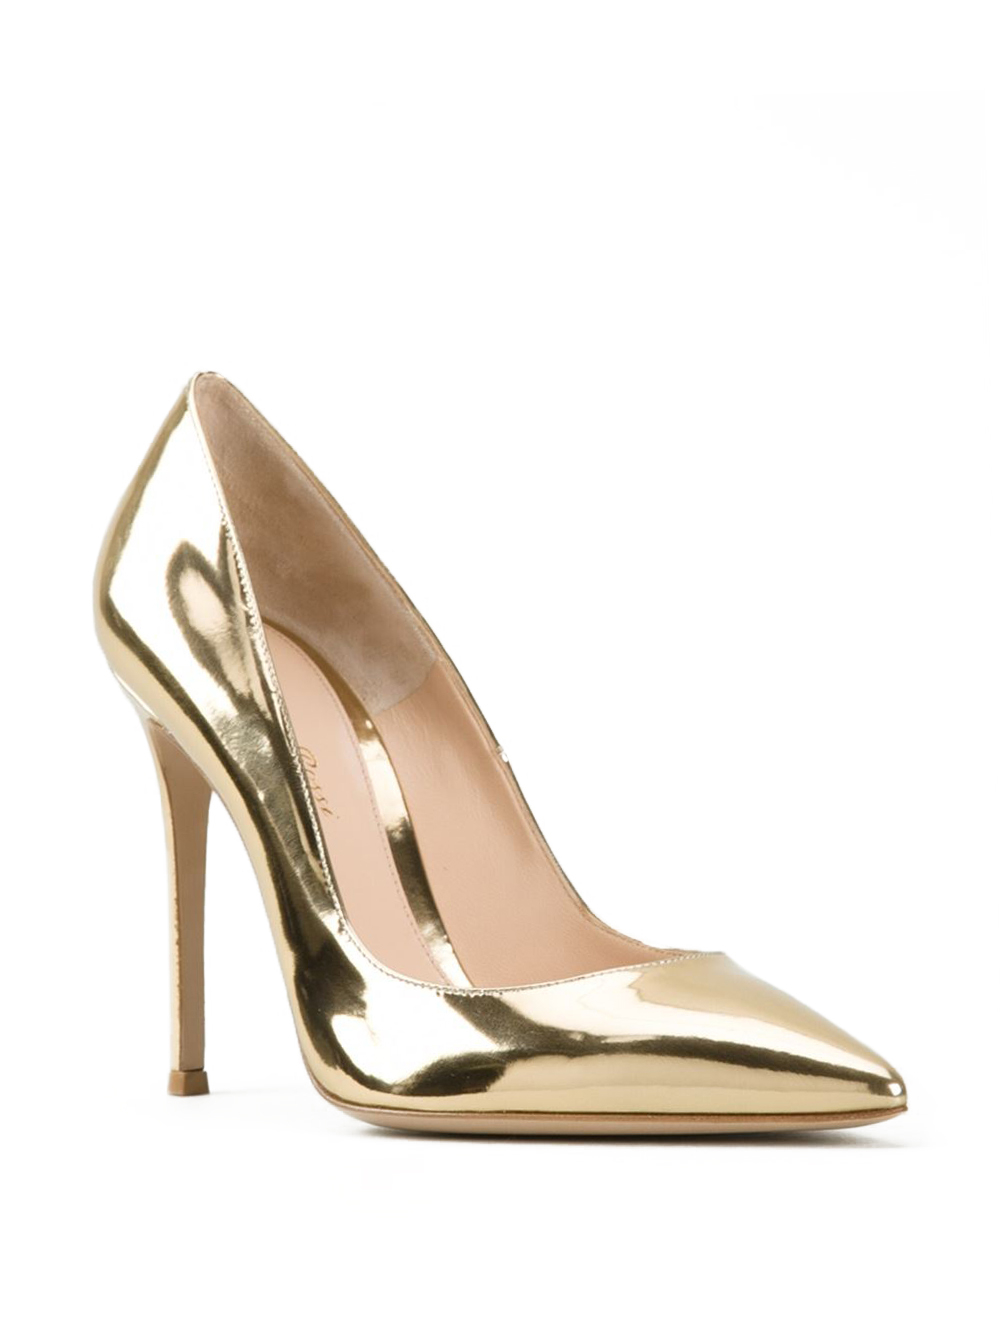 78213e41fdcca1 Lyst gianvito rossi metallic gold pumps in metallic jpg 1000x1334 Metallic  gold pointed pumps